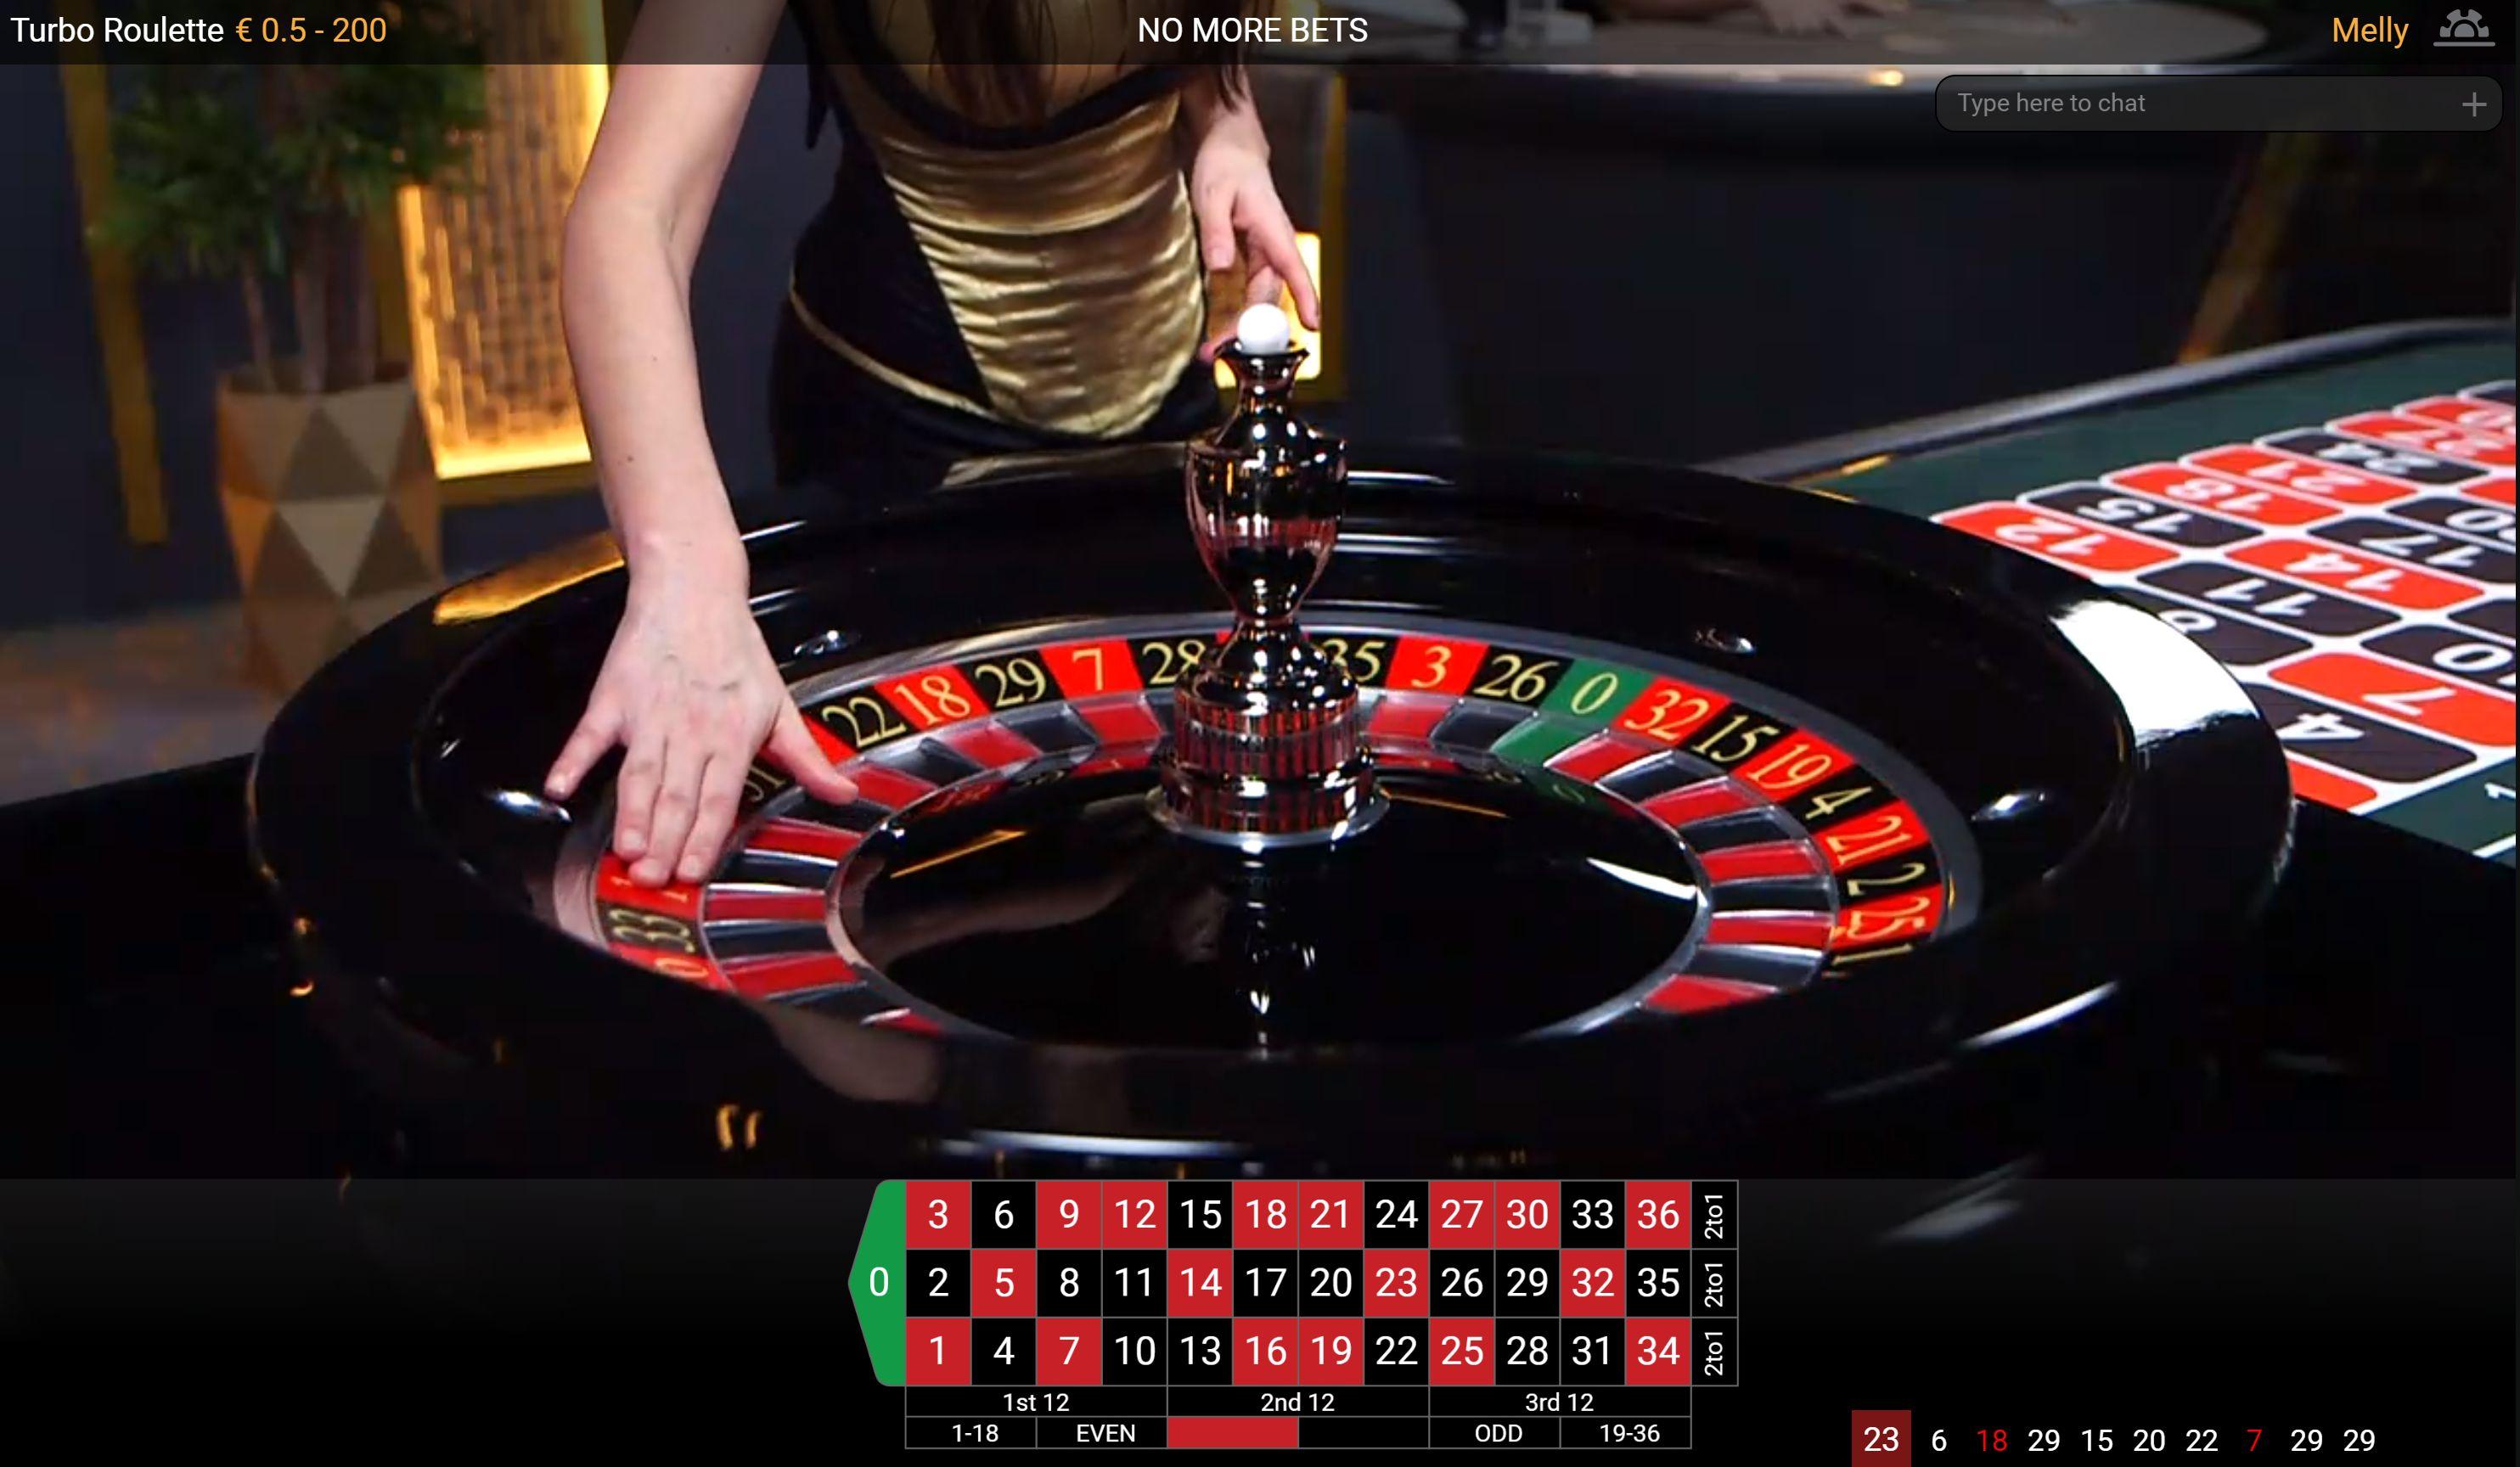 Live Rulete kazino